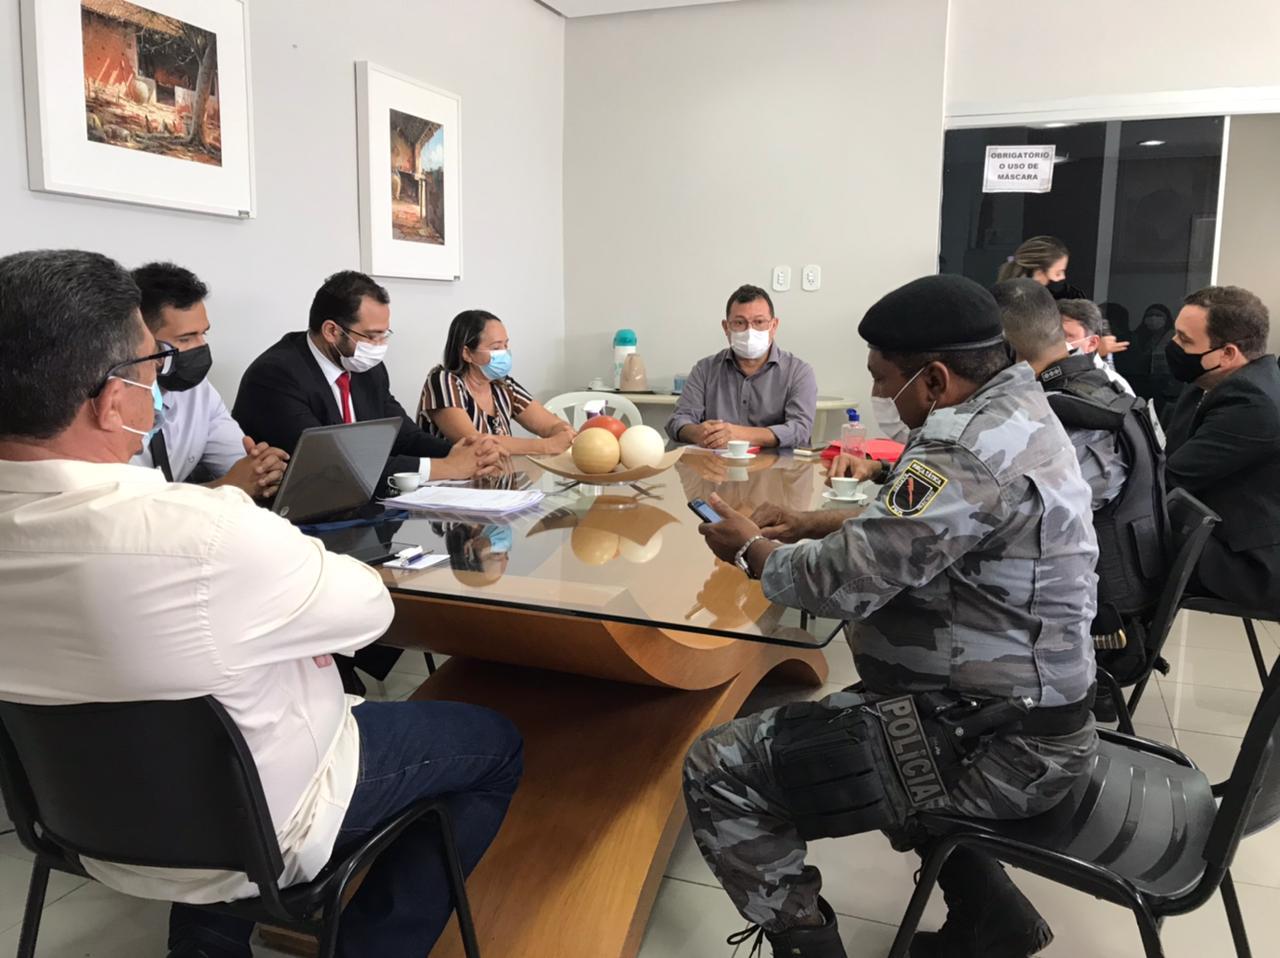 Câmara Municipal de Picos realiza reunião para tratar sobre regularização dos entregadores de aplicativos de delivery no município